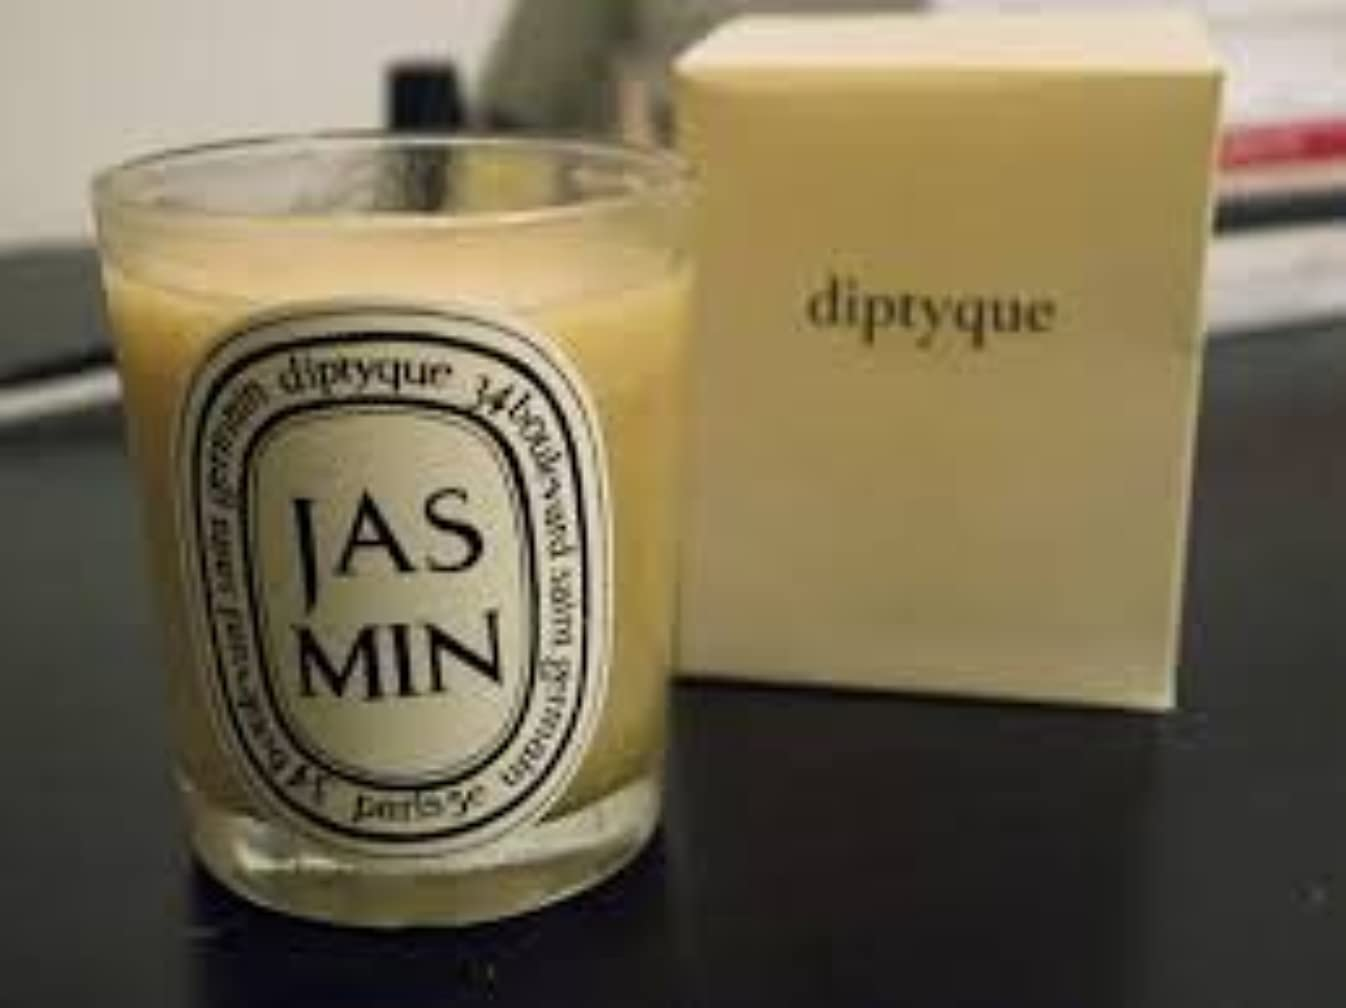 Diptyque Jasmin Candle (ディプティック ジャスミン キャンドル) 2.4 oz (70g)